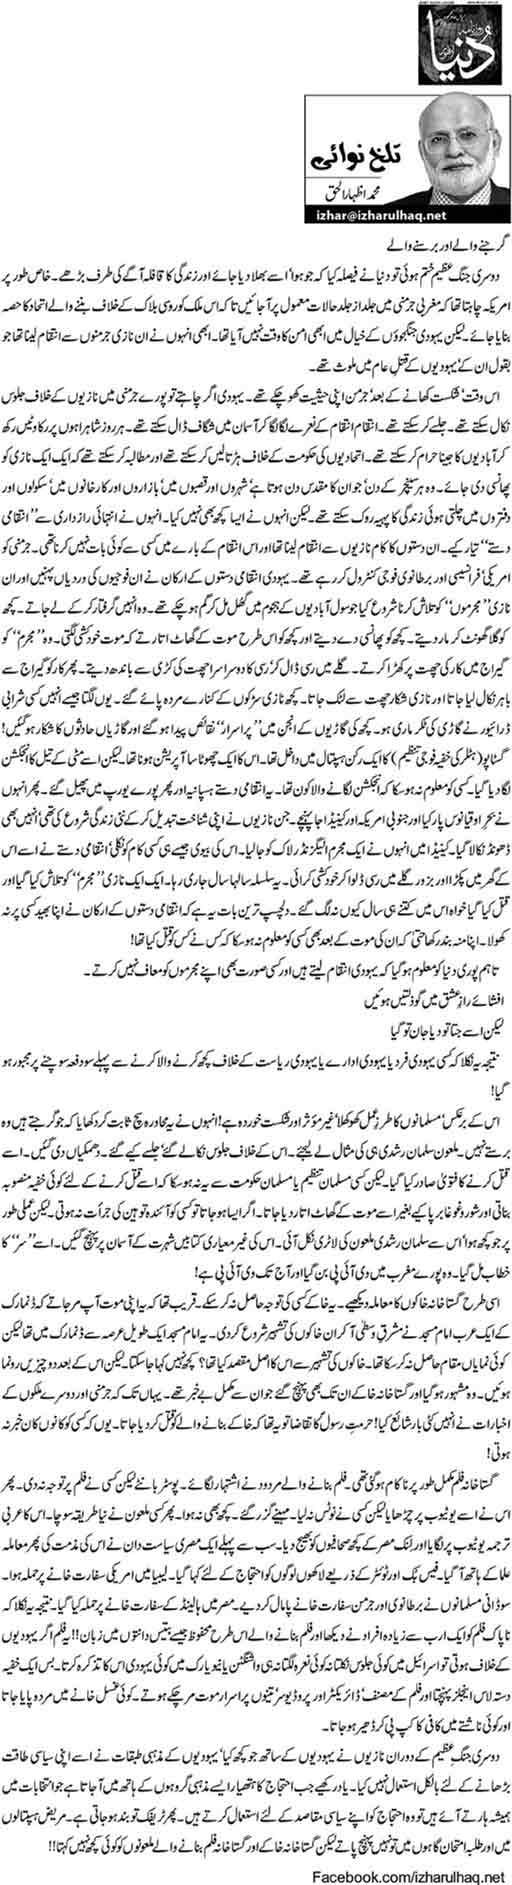 Garajnay walay aur barasnay walay - M. Izhar ul Haq